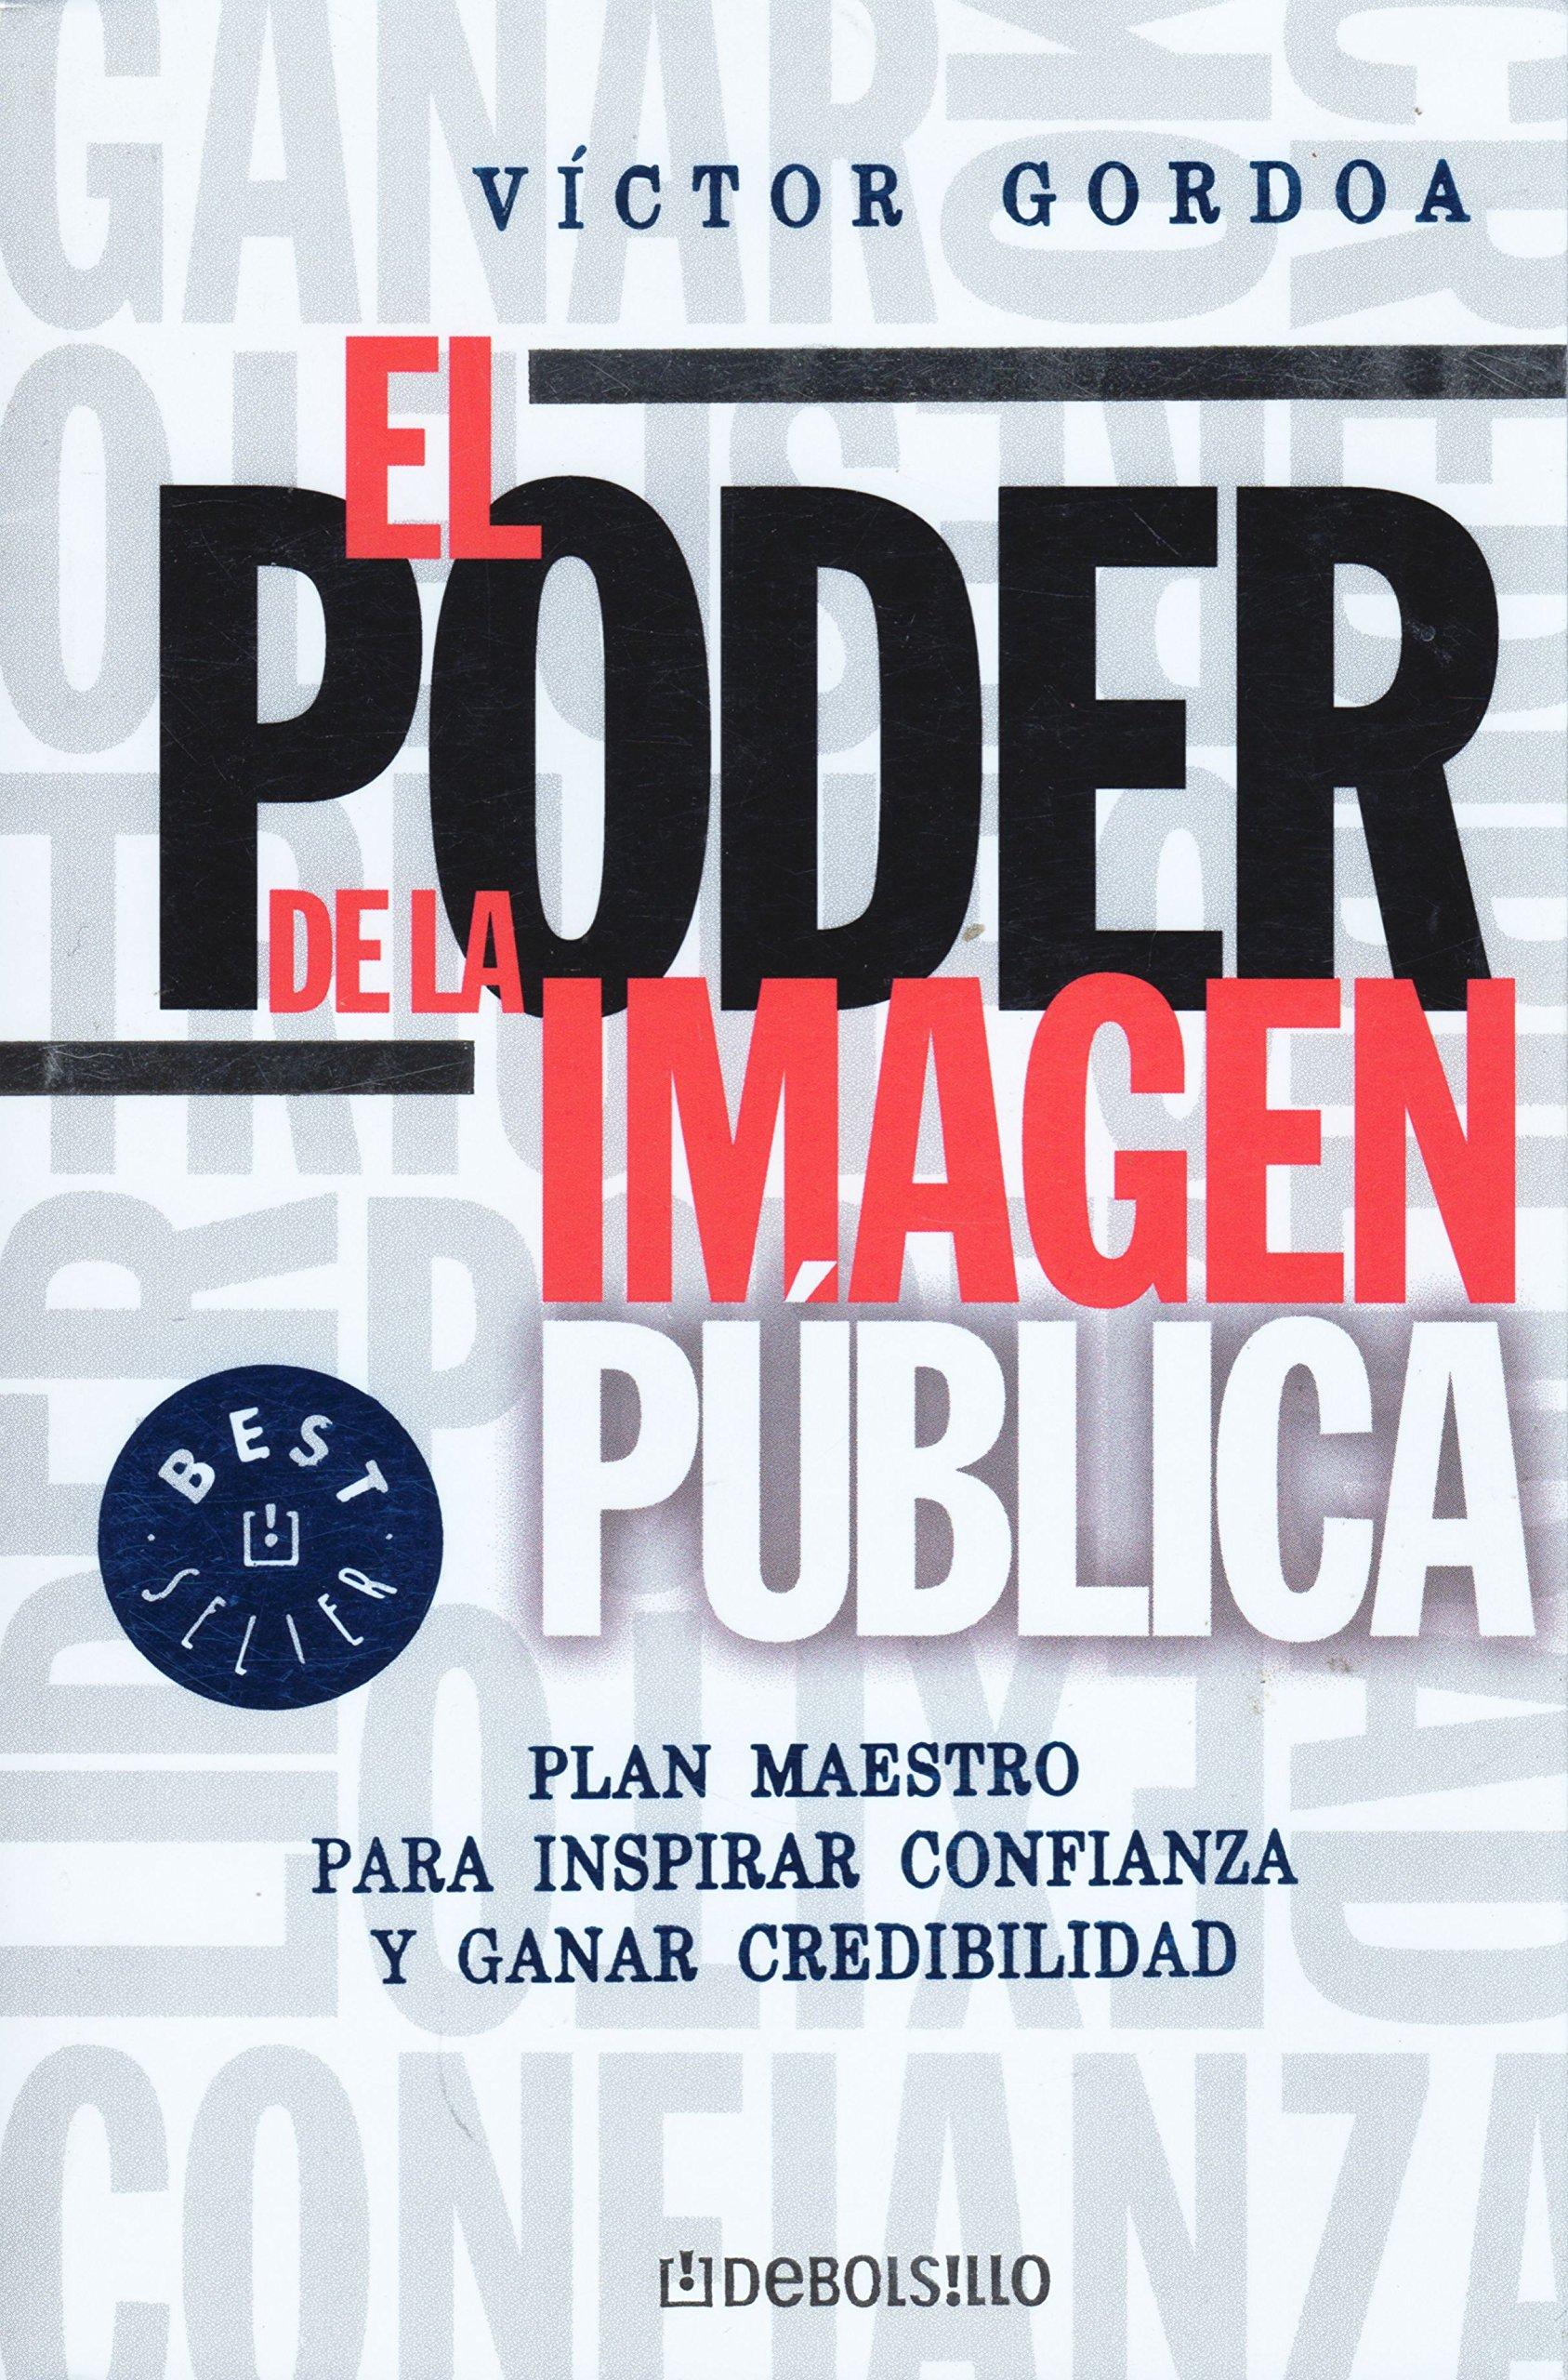 El Poder De La Imagen Publica: Plan Maestro Para Inspirar Confianza Y Ganar  Credibilidad (Spanish Edition): Gordoa, Victor: 9789707804913: Amazon.com:  Books @tataya.com.mx